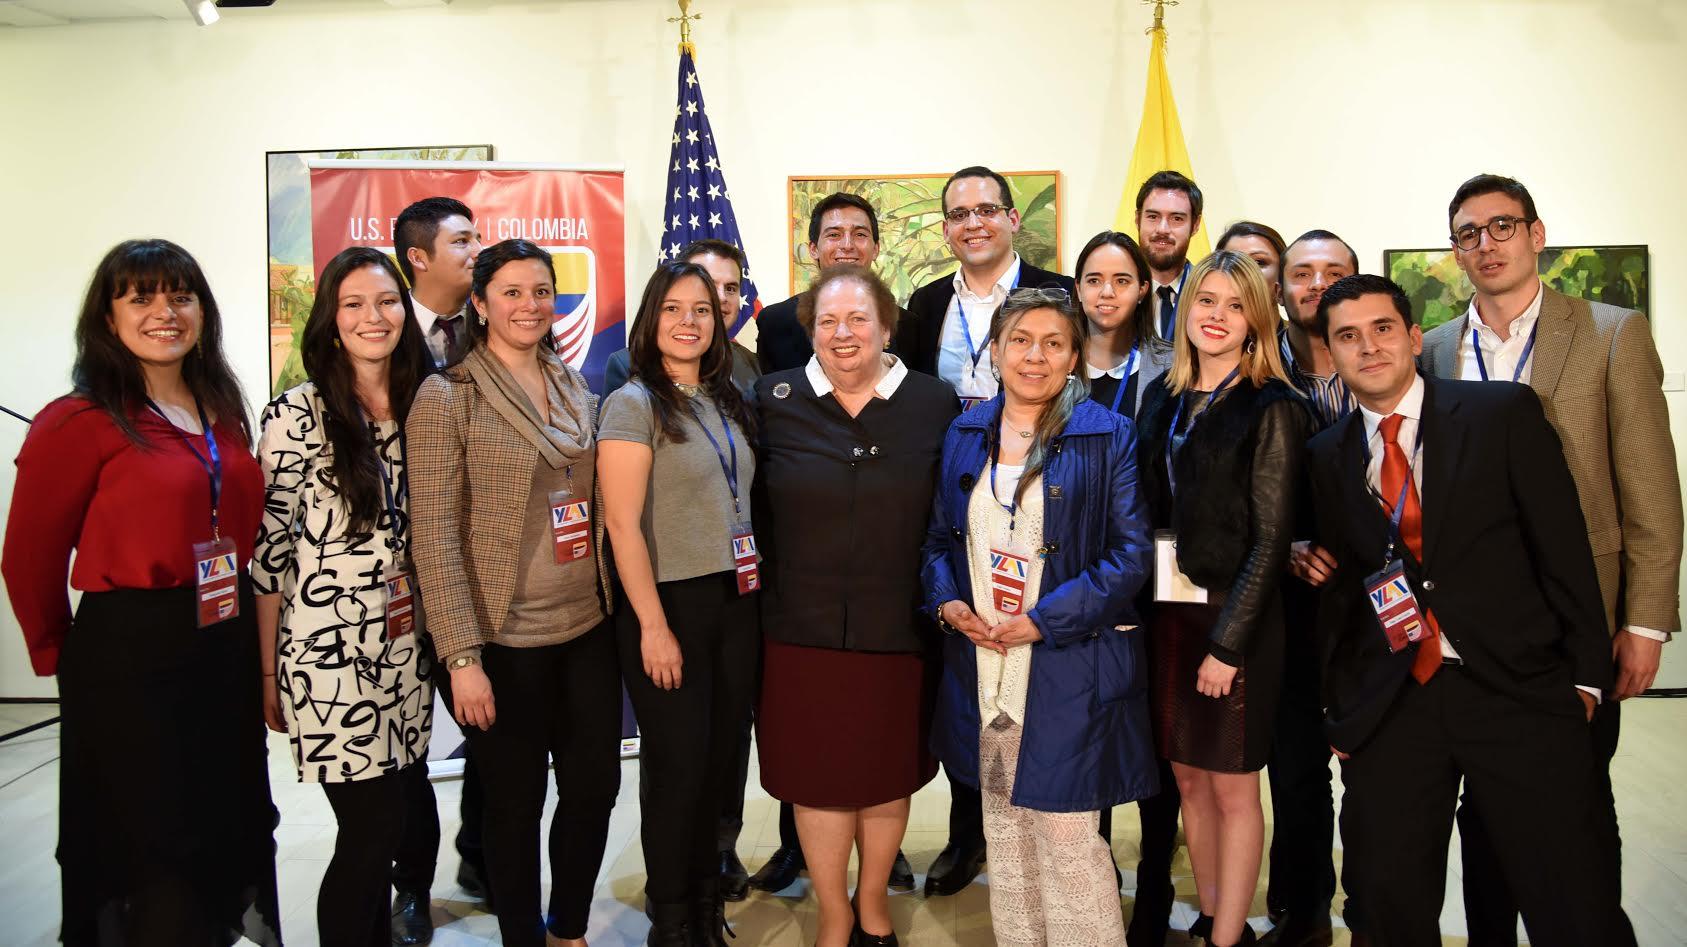 Subsecretaria de Estado Adjunta Interina de la Oficina de Asuntos del Hemisferio Occidental Mari Carmen Aponte2